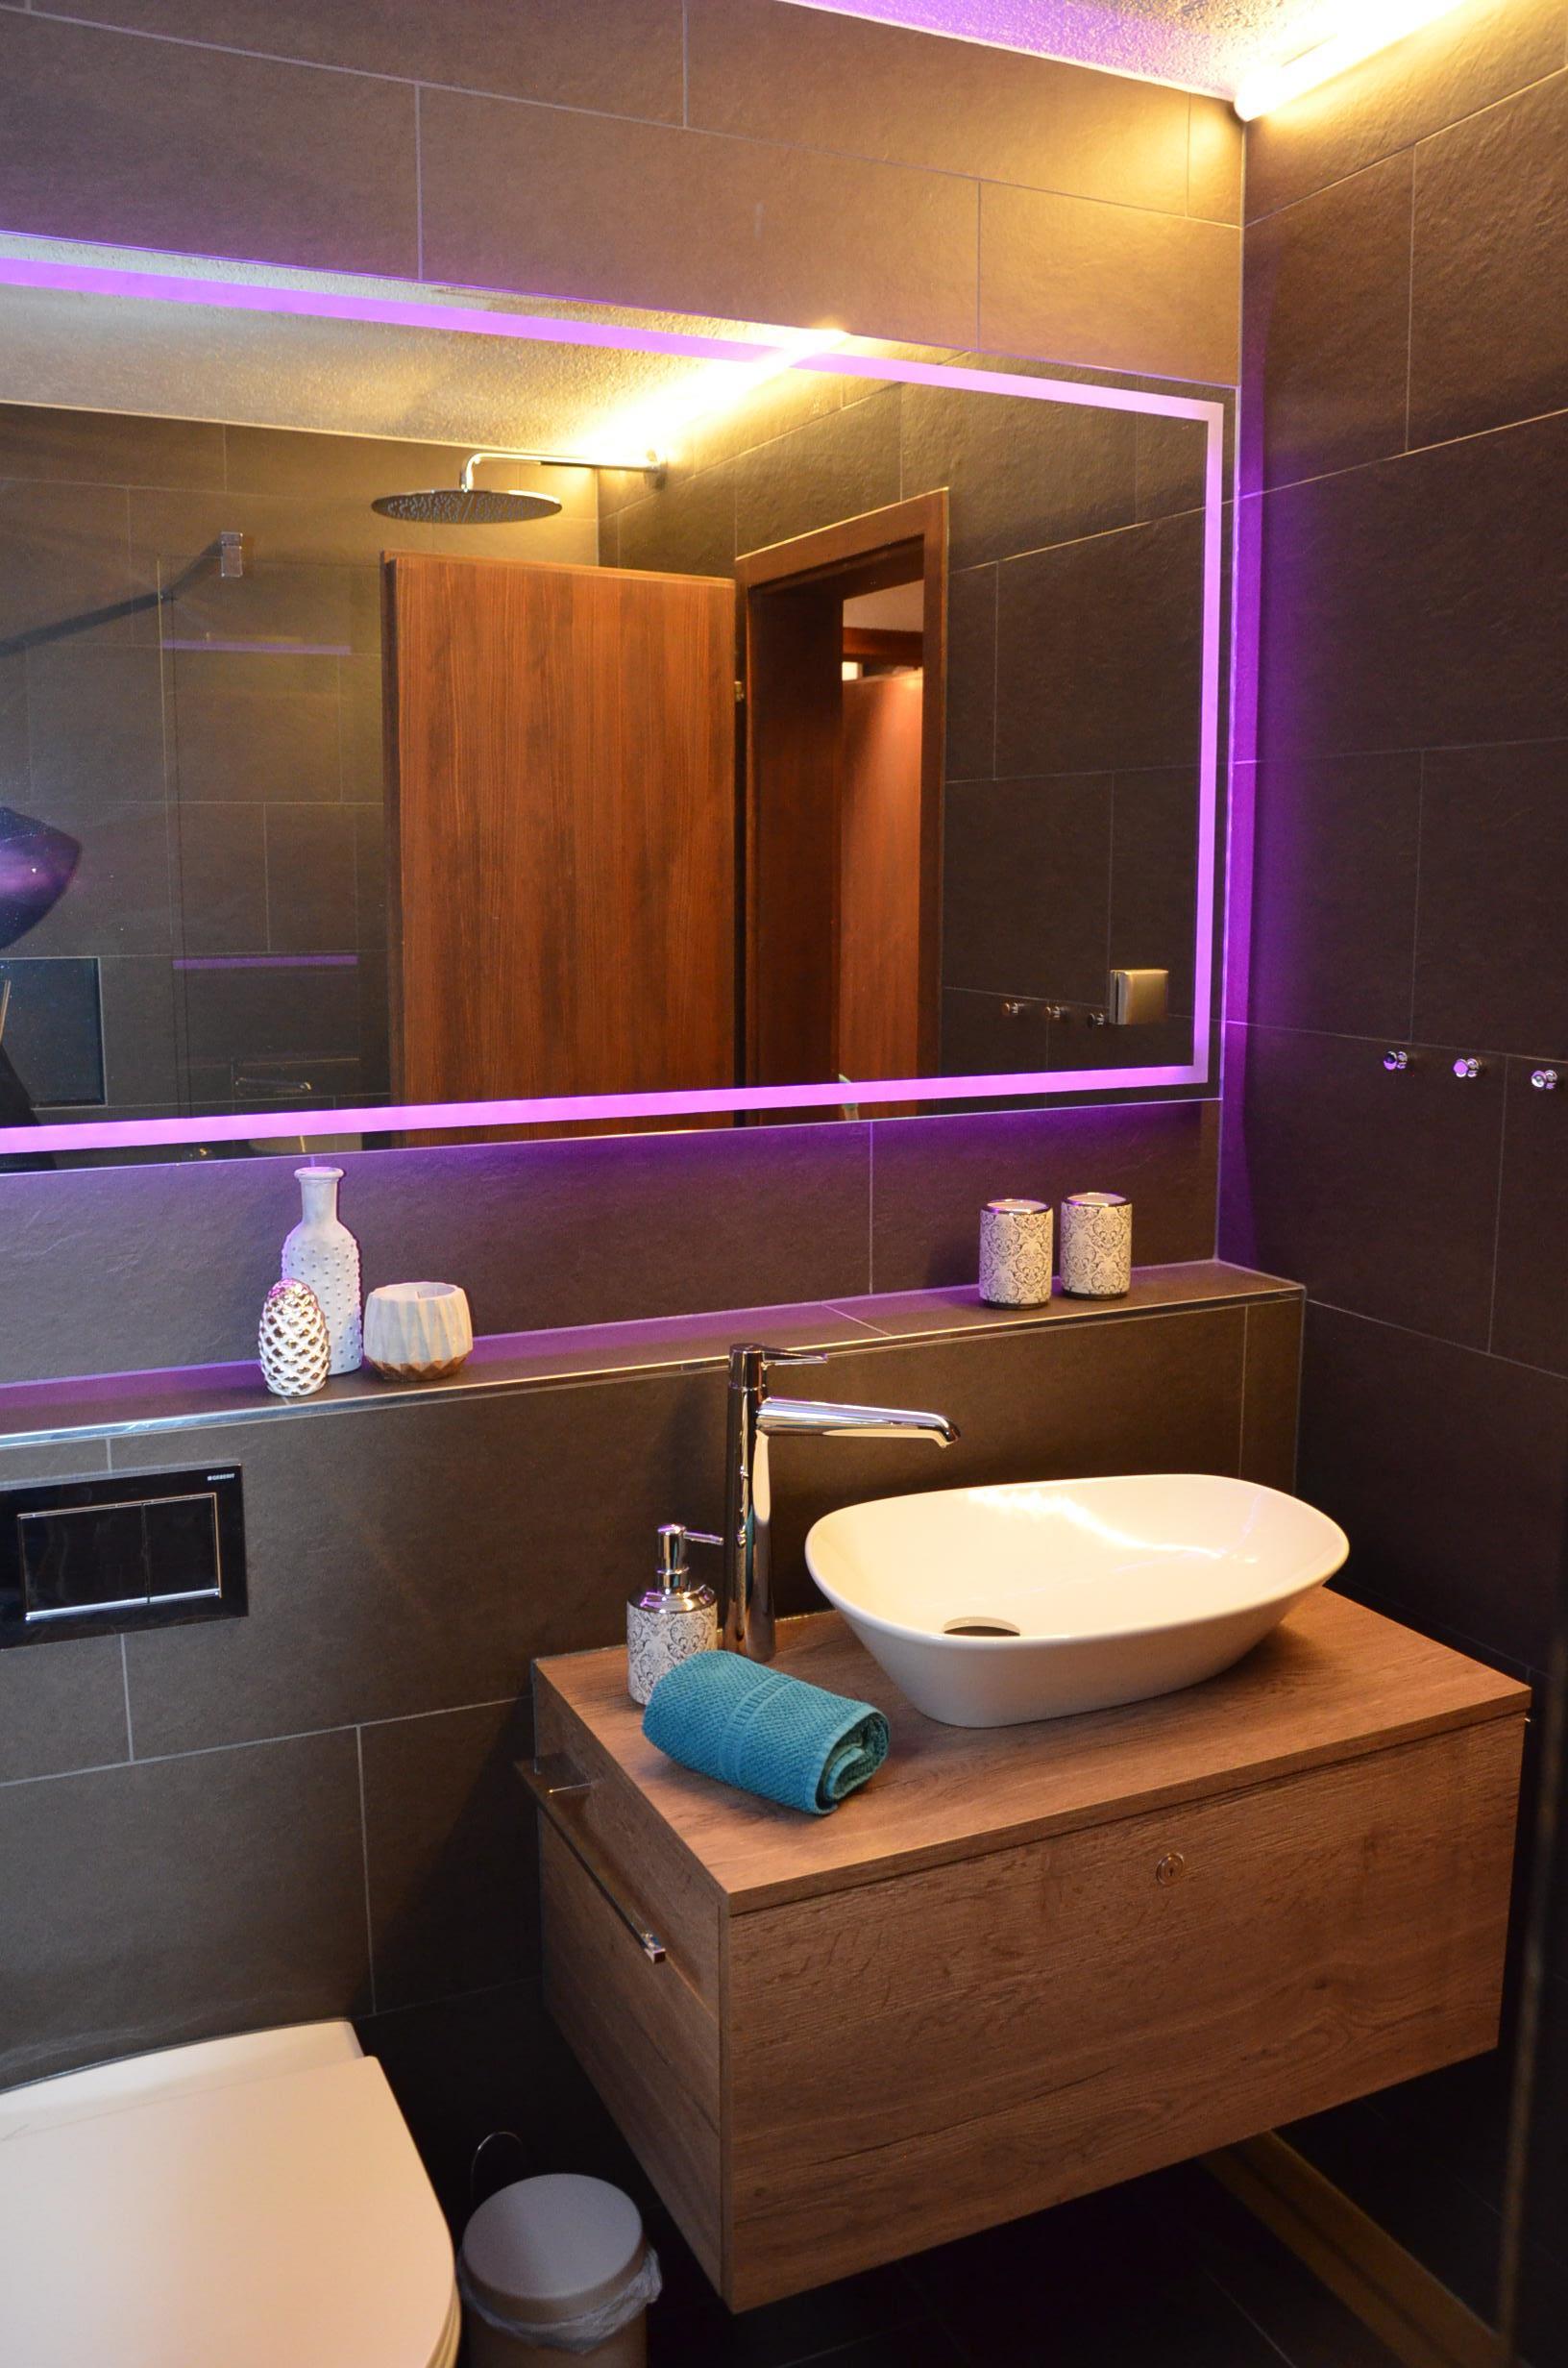 Appartement de vacances Schulerszaun 1 2 Bett Wohnung (2691731), Grindelwald, Région de la Jungfrau, Oberland bernois, Suisse, image 13